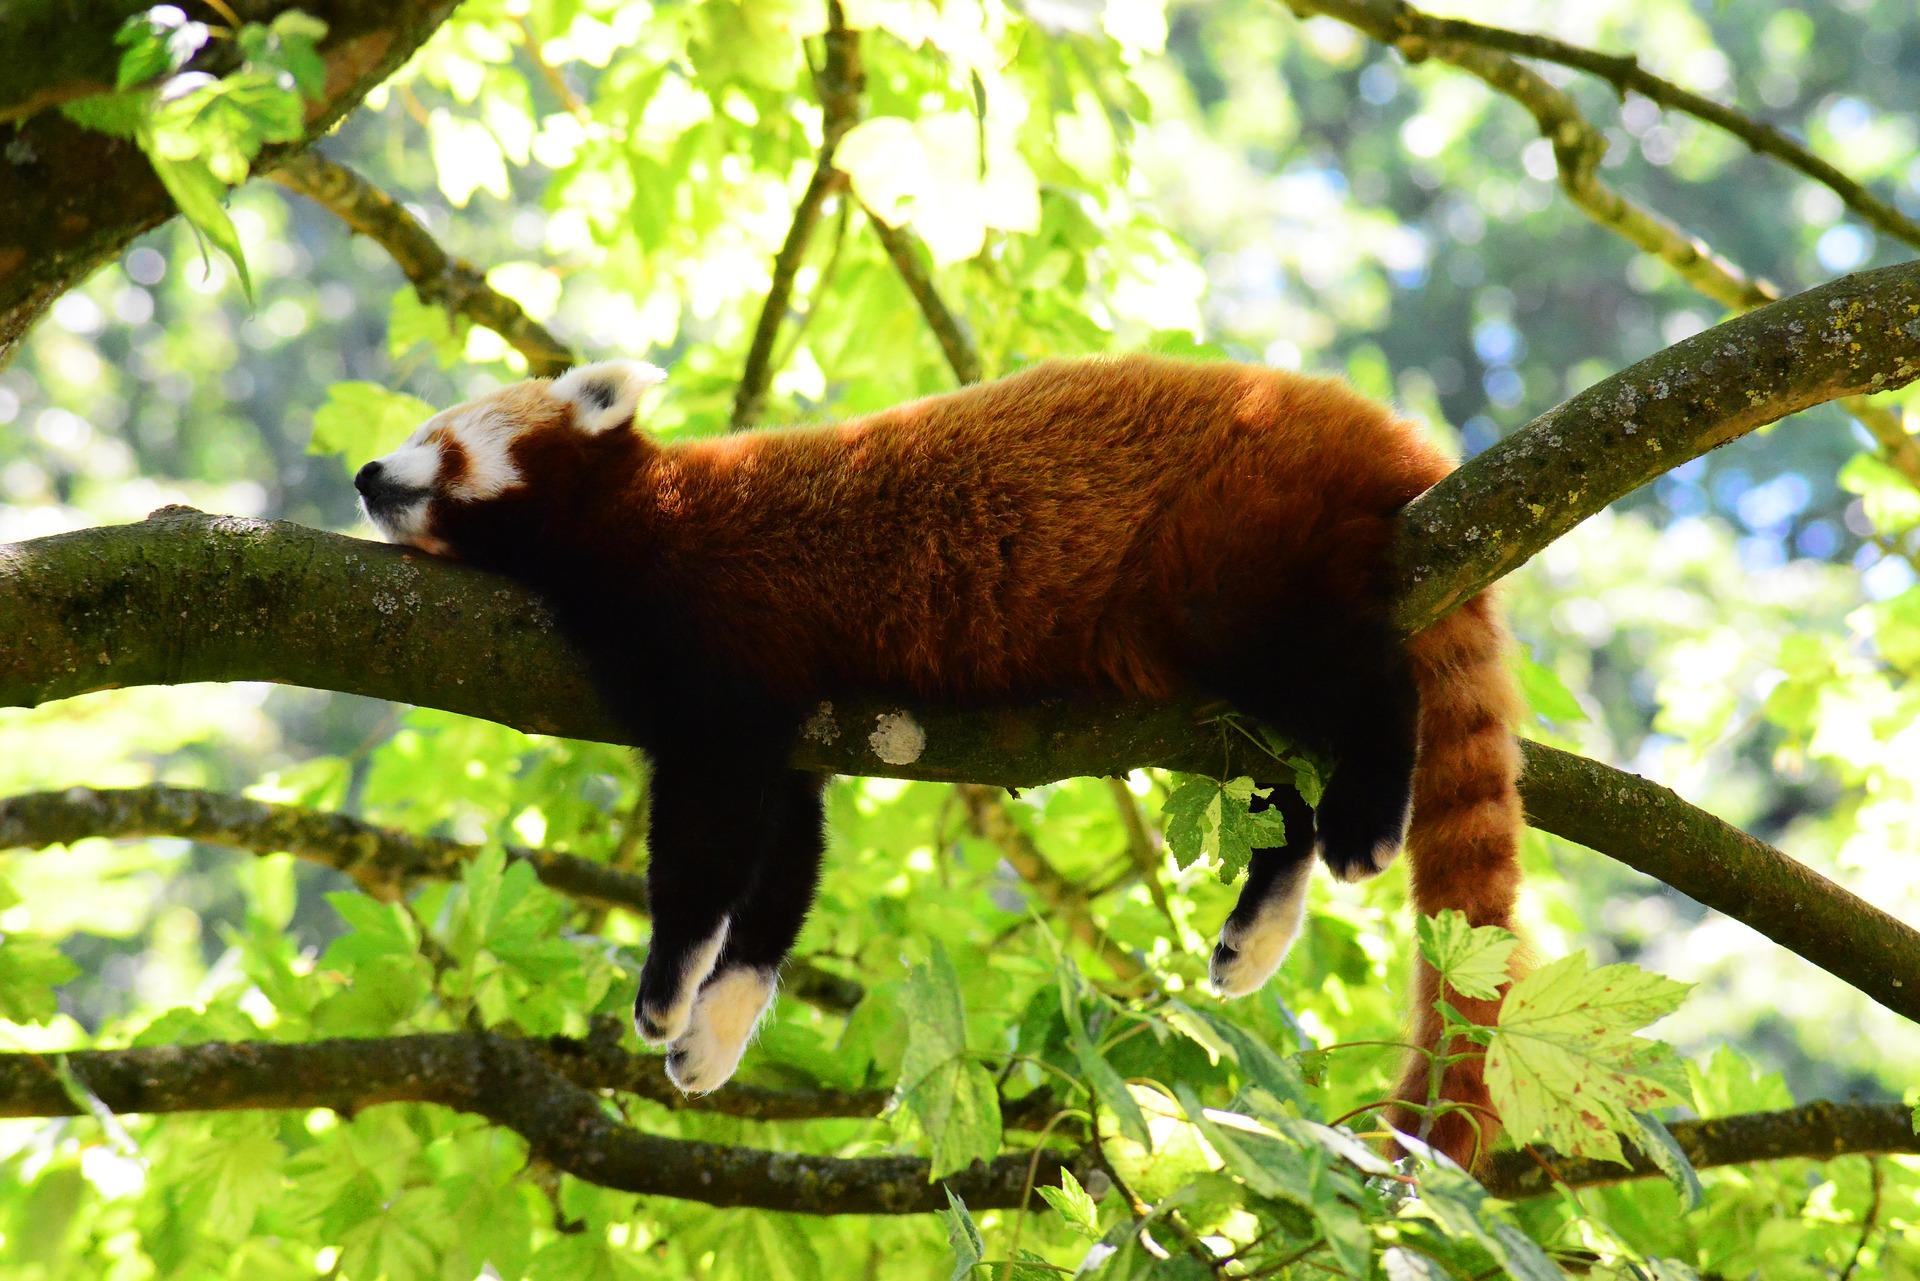 red-panda-3507877_1920.jpg